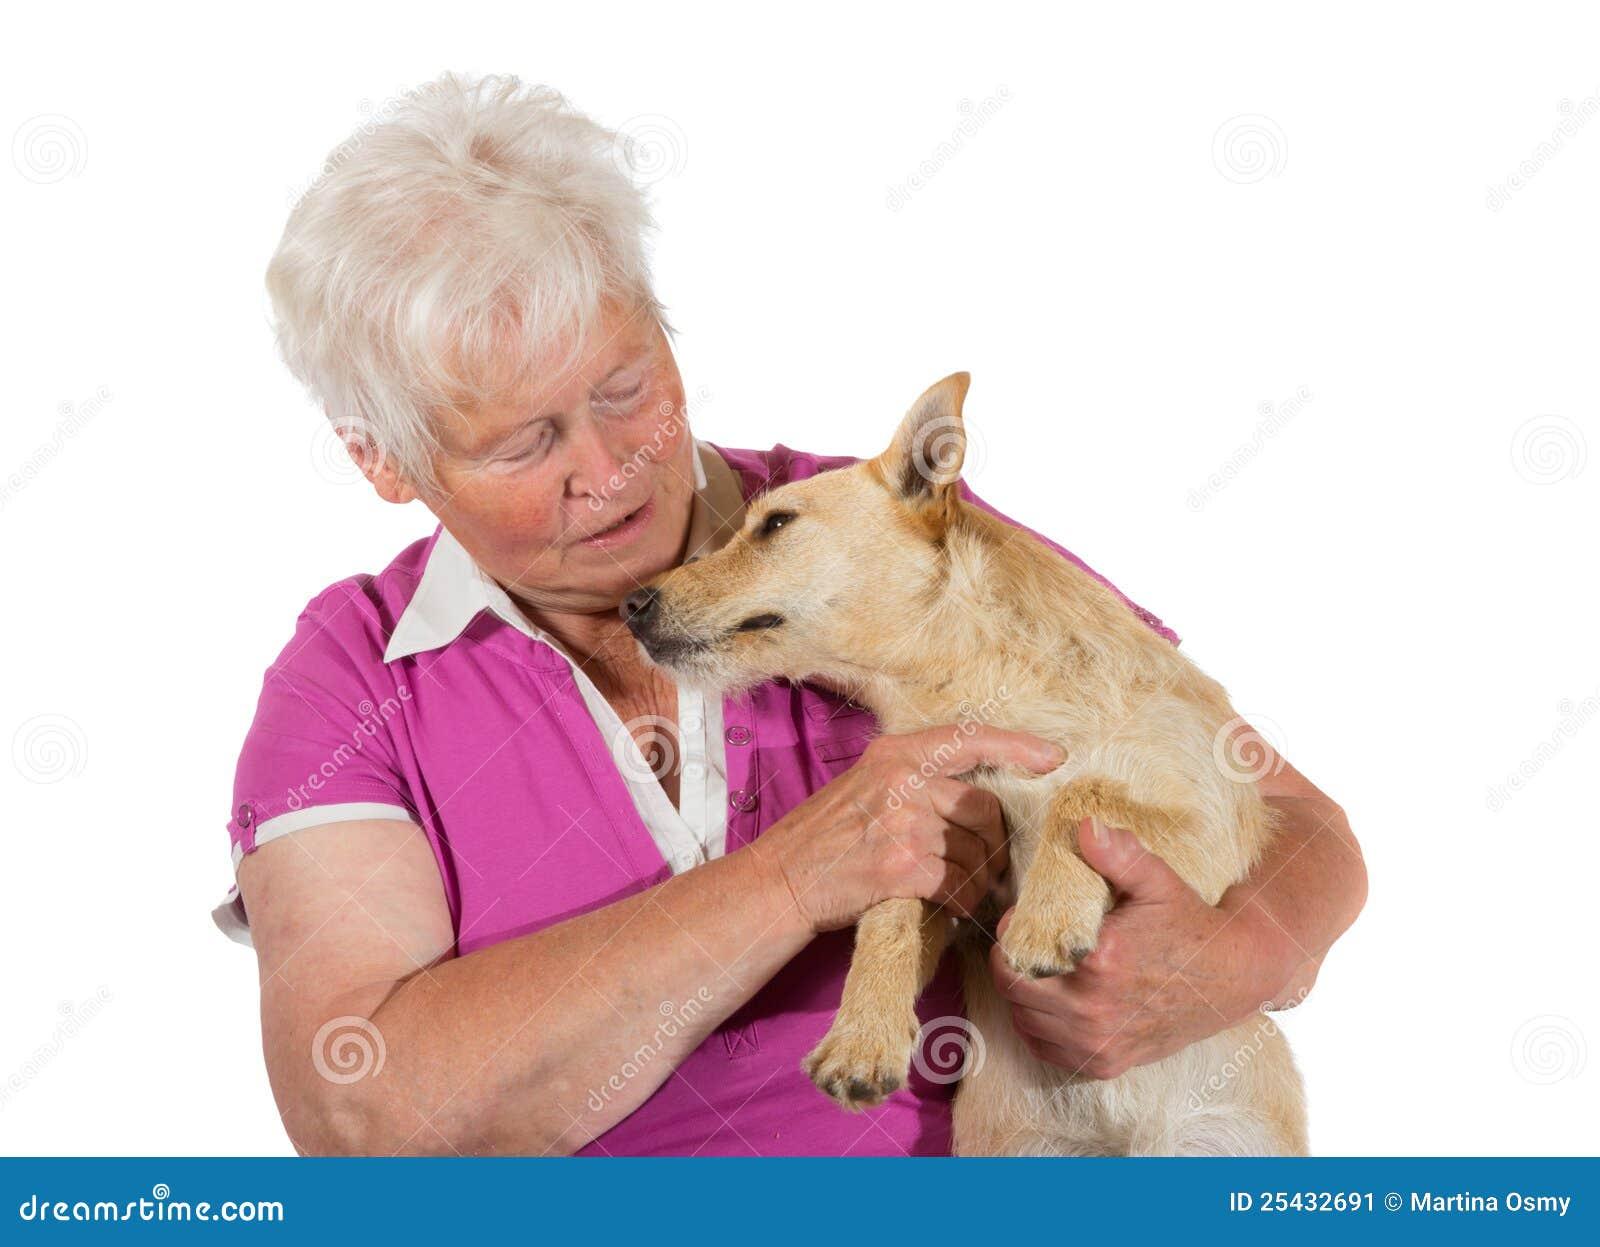 Femme âgée affectueuse avec son crabot